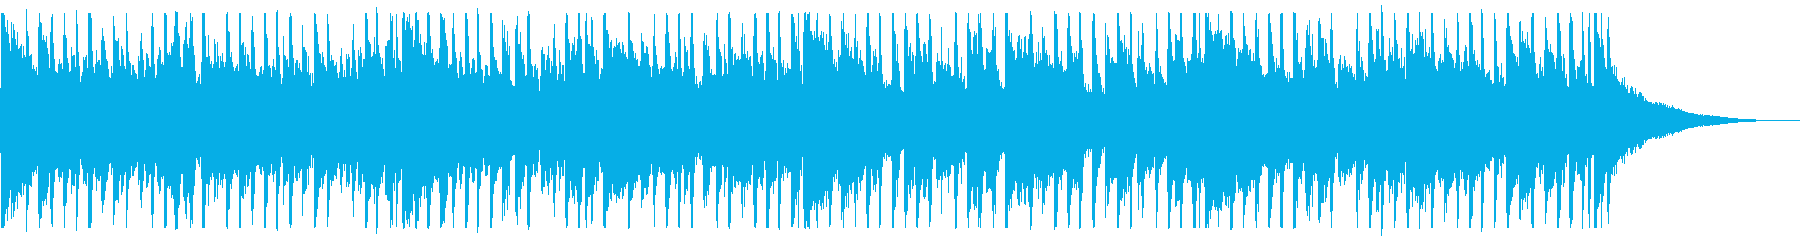 爽やかなカフェBGM_No686_5の再生済みの波形